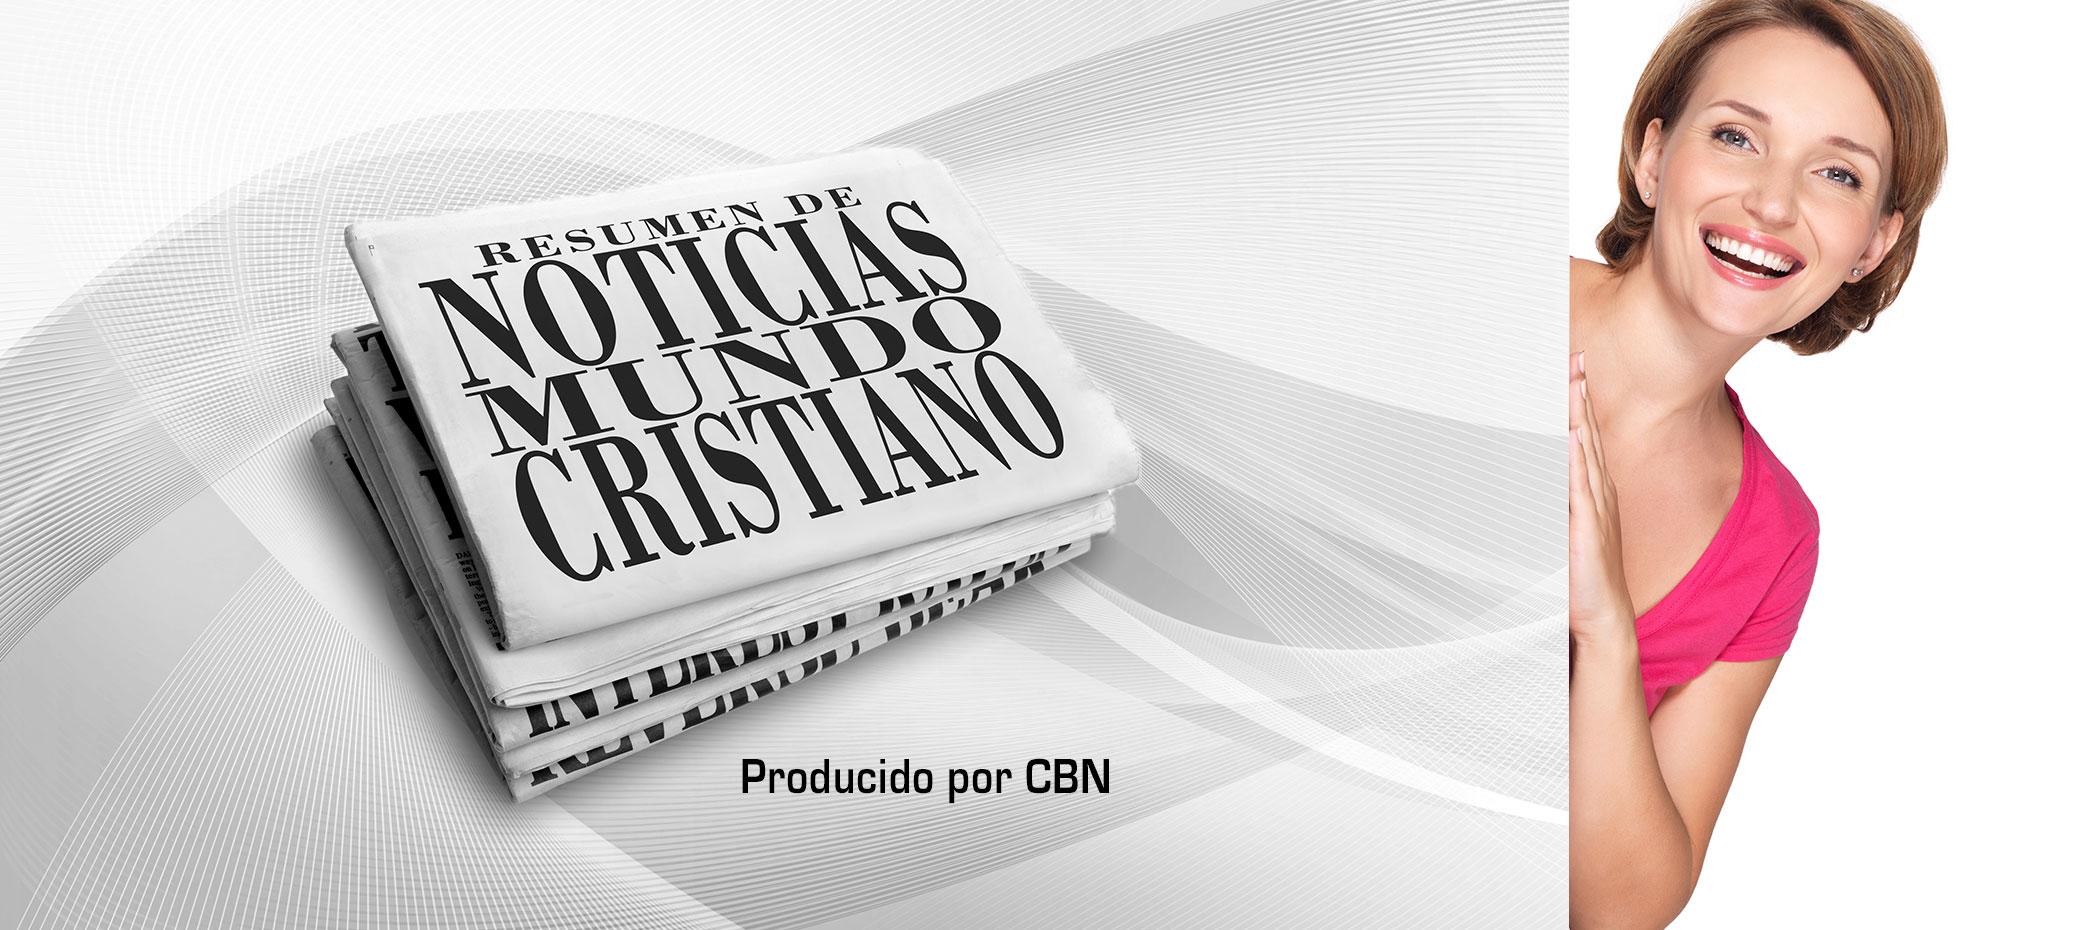 Resumen de Noticias Mundo Cristiano